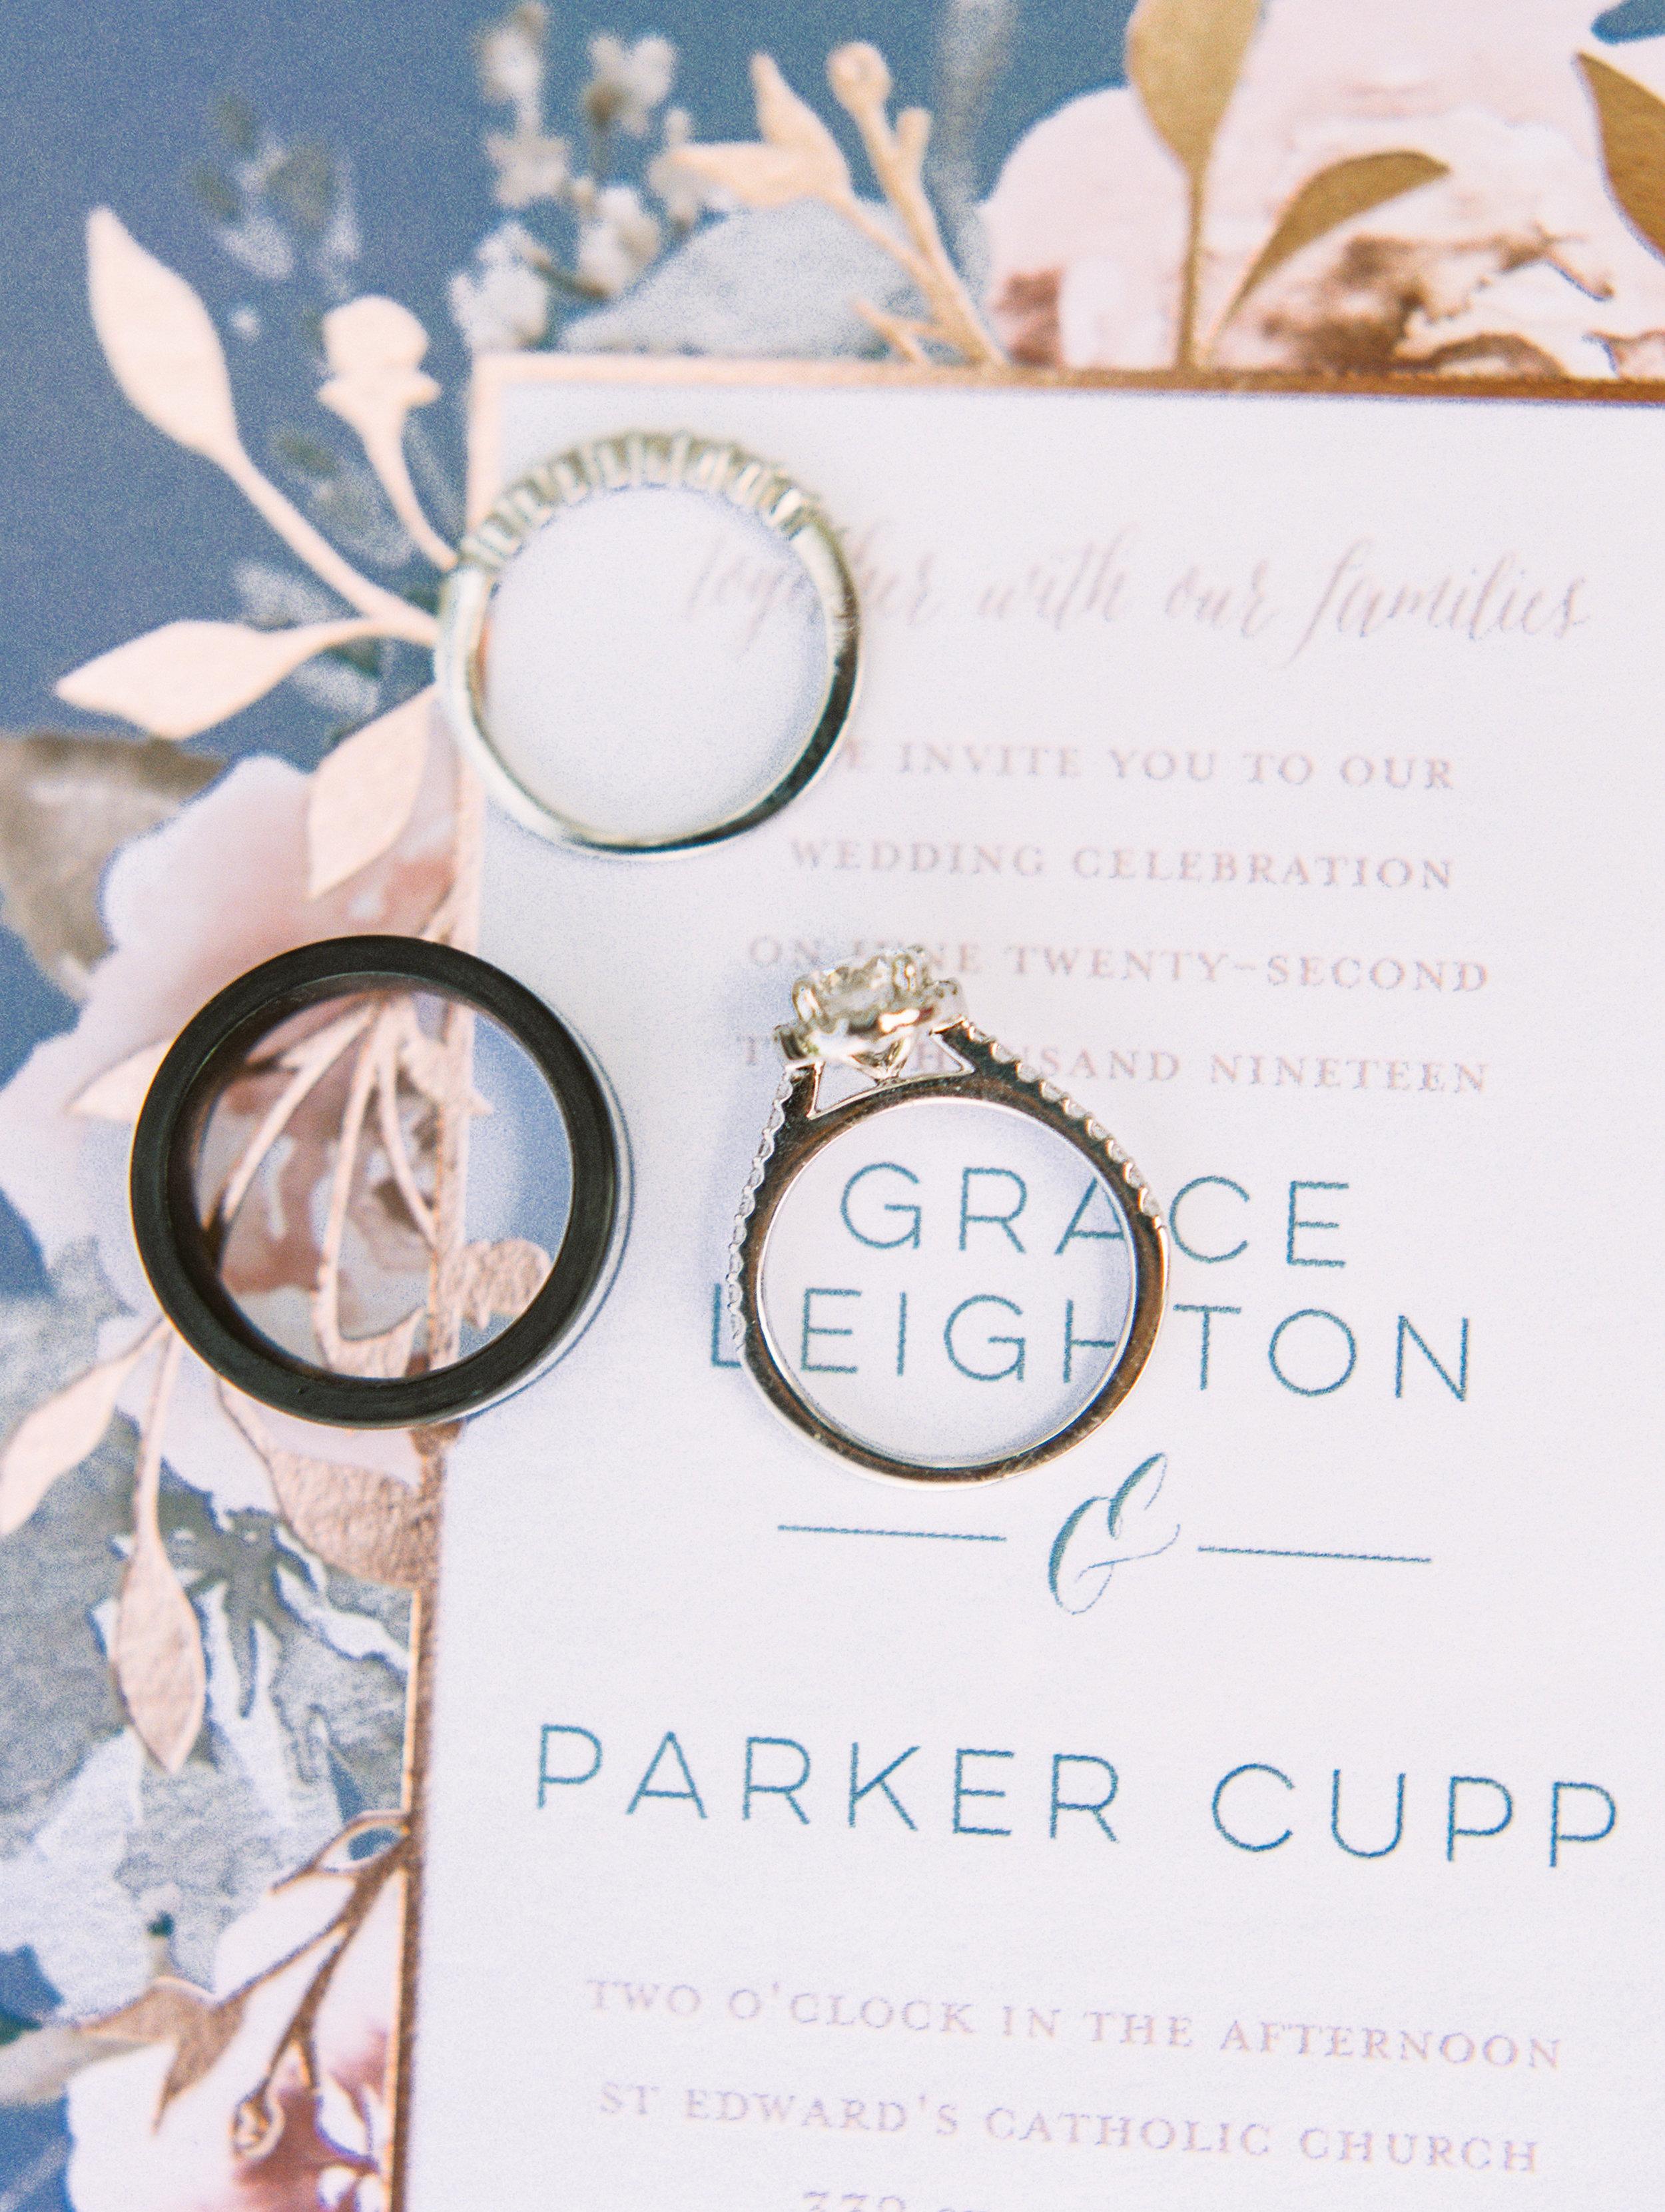 Cupp+Wedding+Detailsf-22.jpg